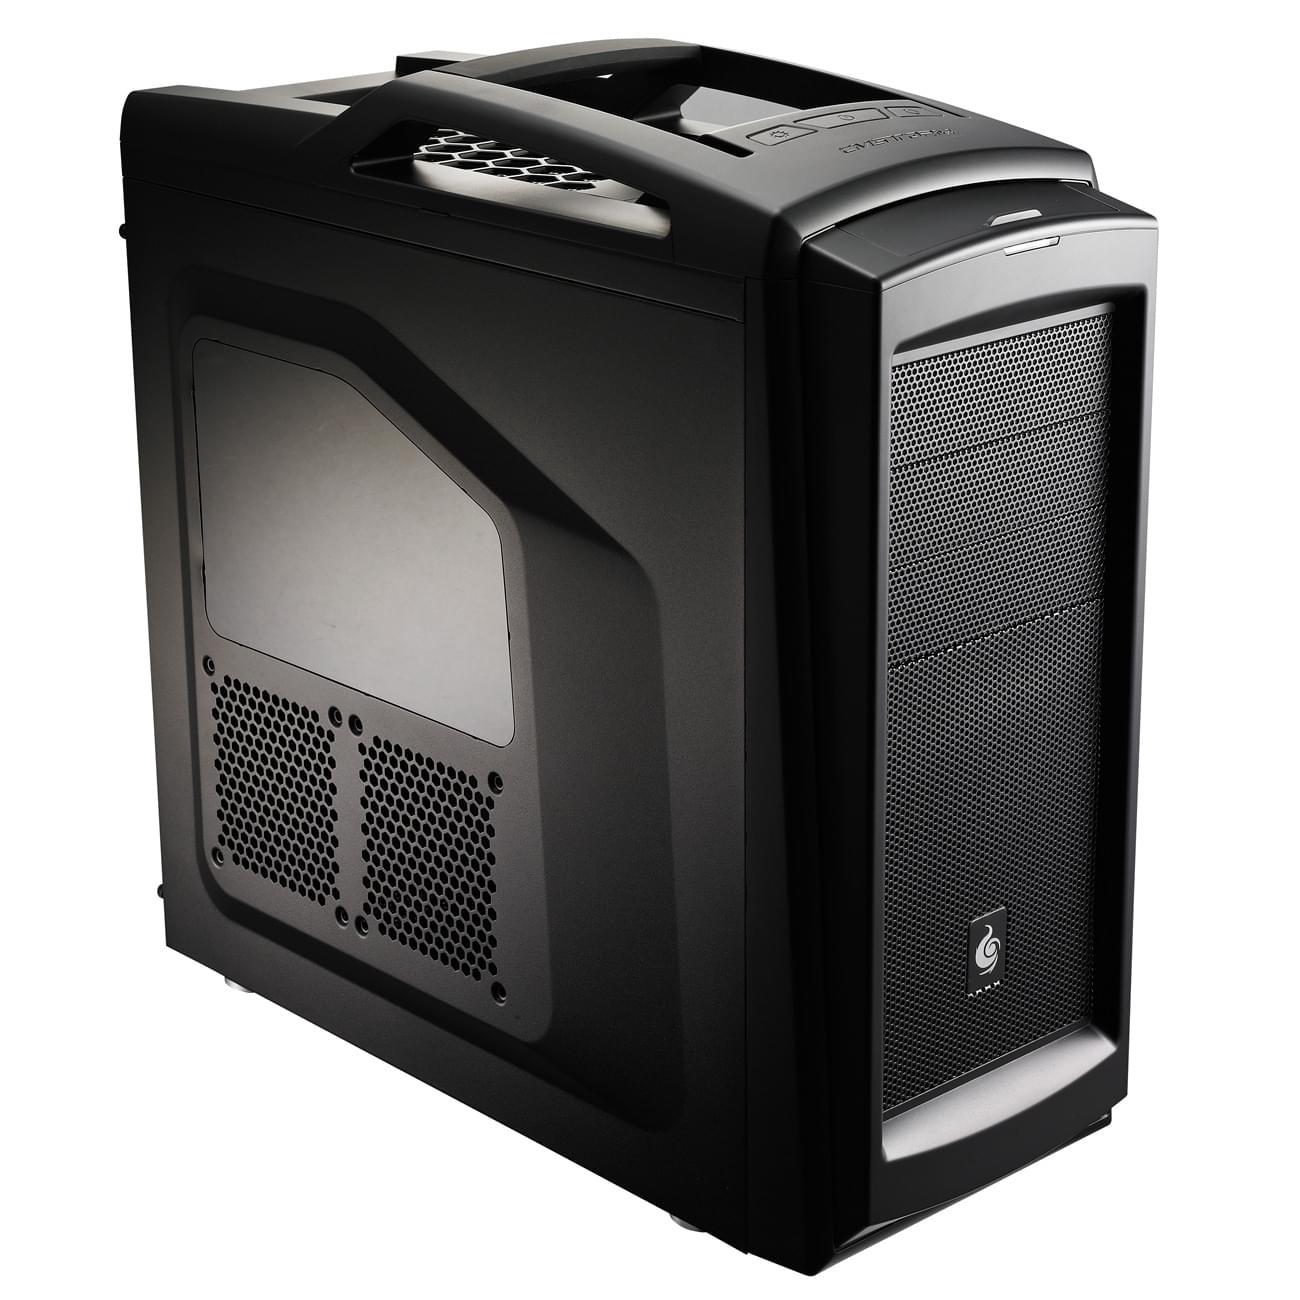 Cooler Master Storm Scout 2 BK SGC-2100-KWN1 (SGC-2100-KWN1) - Achat / Vente Boîtier PC sur Cybertek.fr - 0